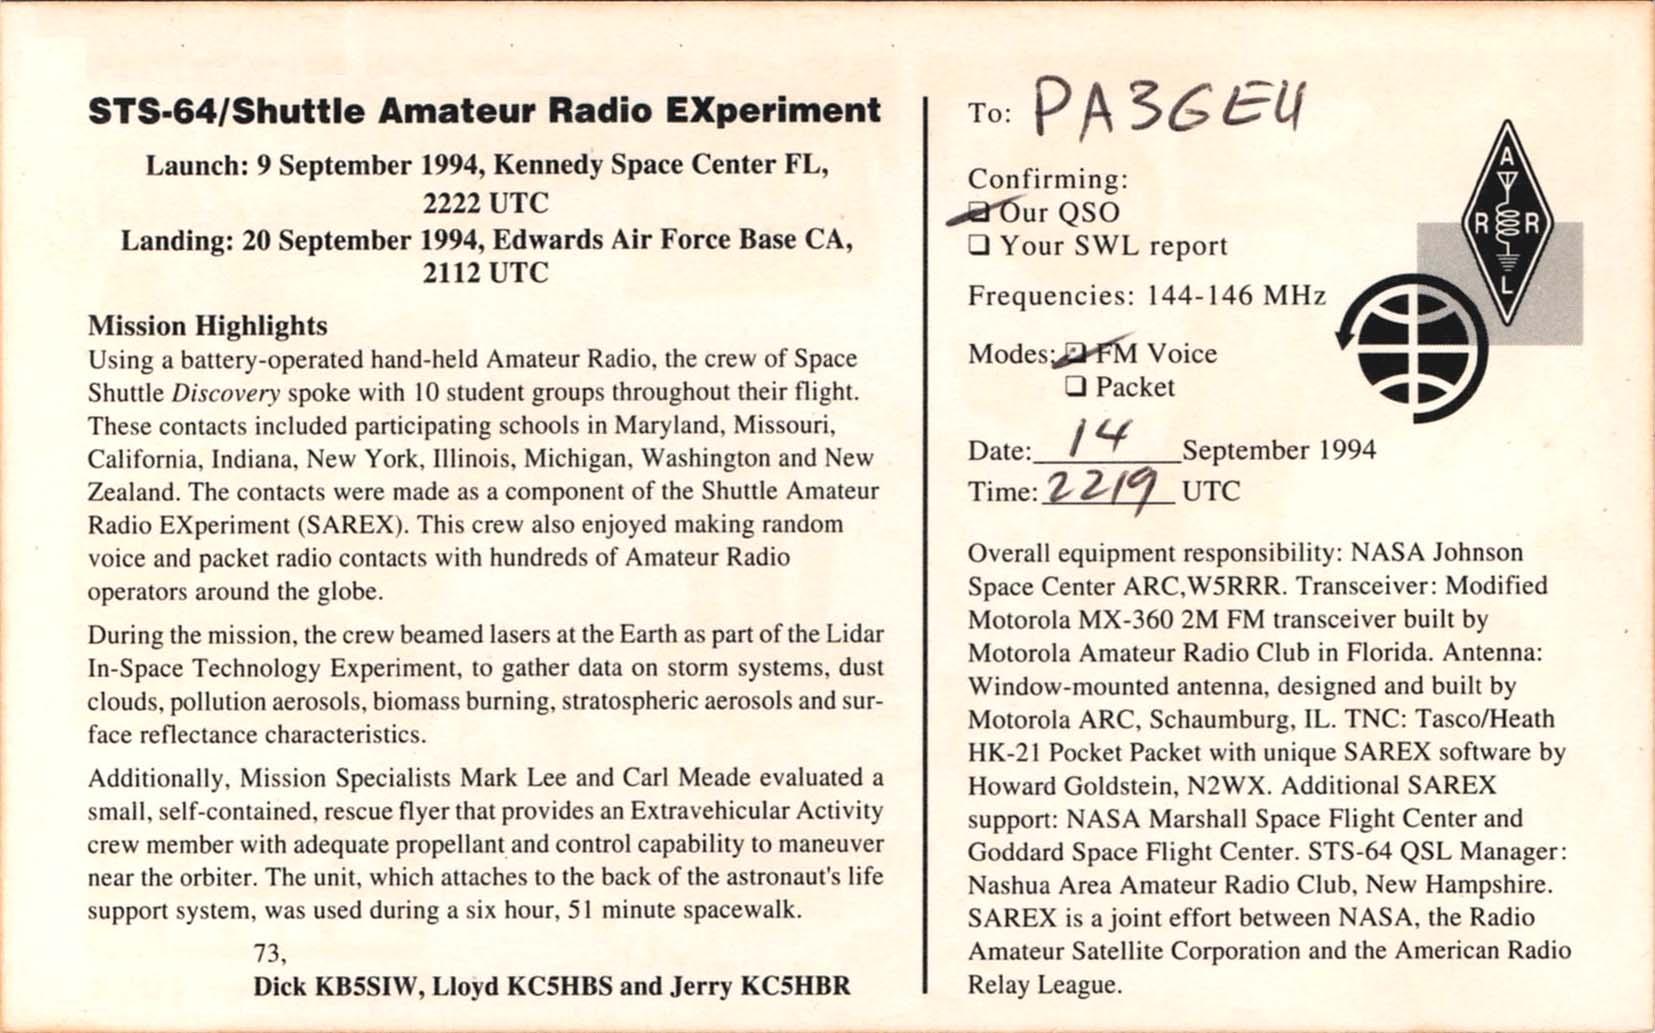 QSL kaarten - Een verbinding met een Space Shuttle expeditie